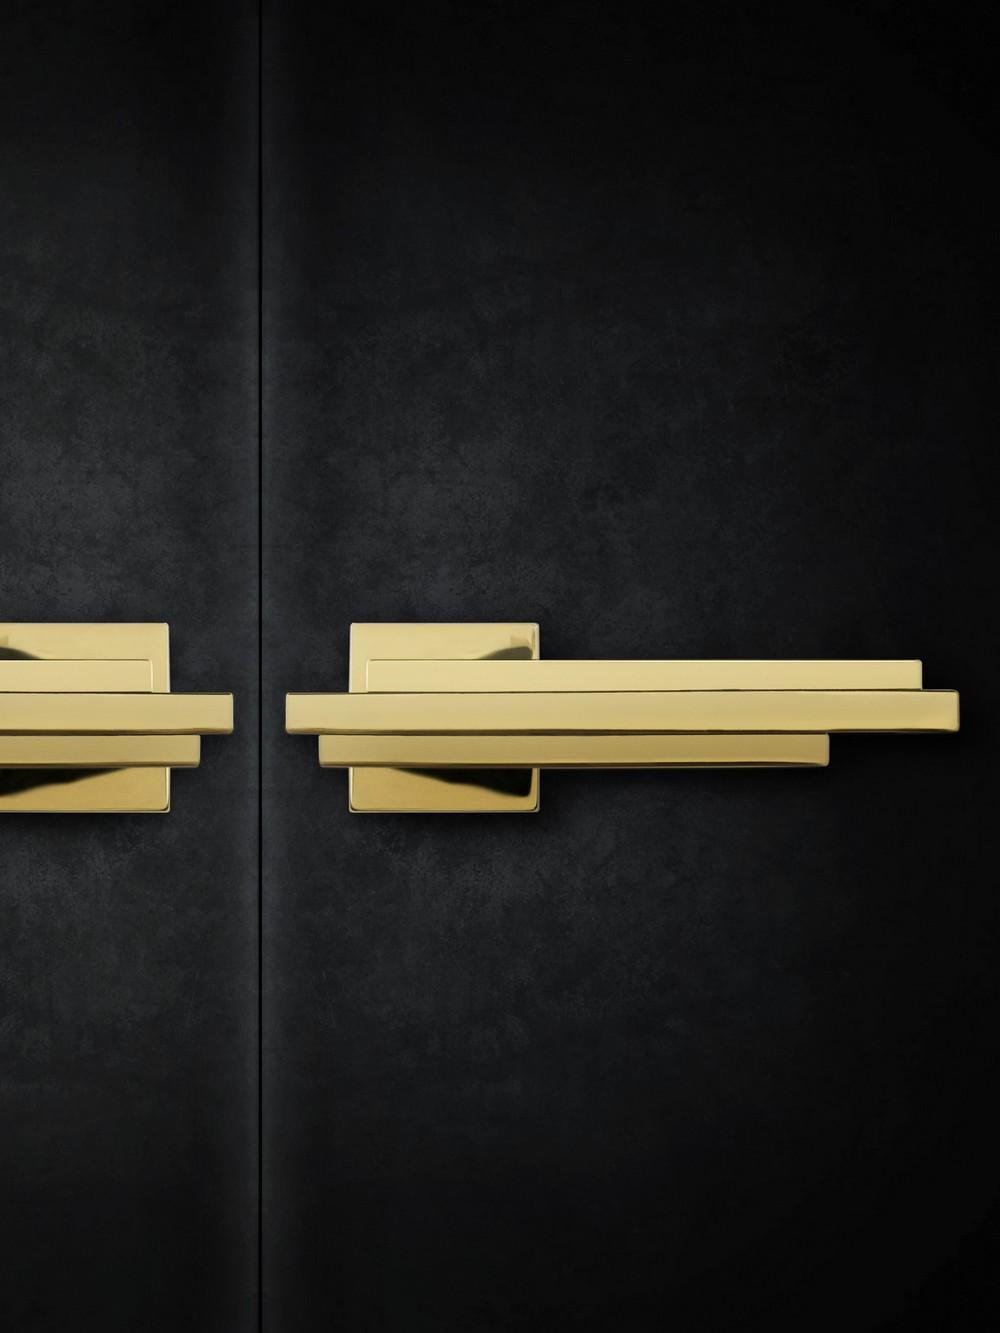 Hardware Inspirations Exclusive Door Levers for an Upgraded Interior 2 door levers 14 Hardware Inspirations: Exclusive Door Levers for an Upgraded Interior Hardware Inspirations Exclusive Door Levers for an Upgraded Interior 2